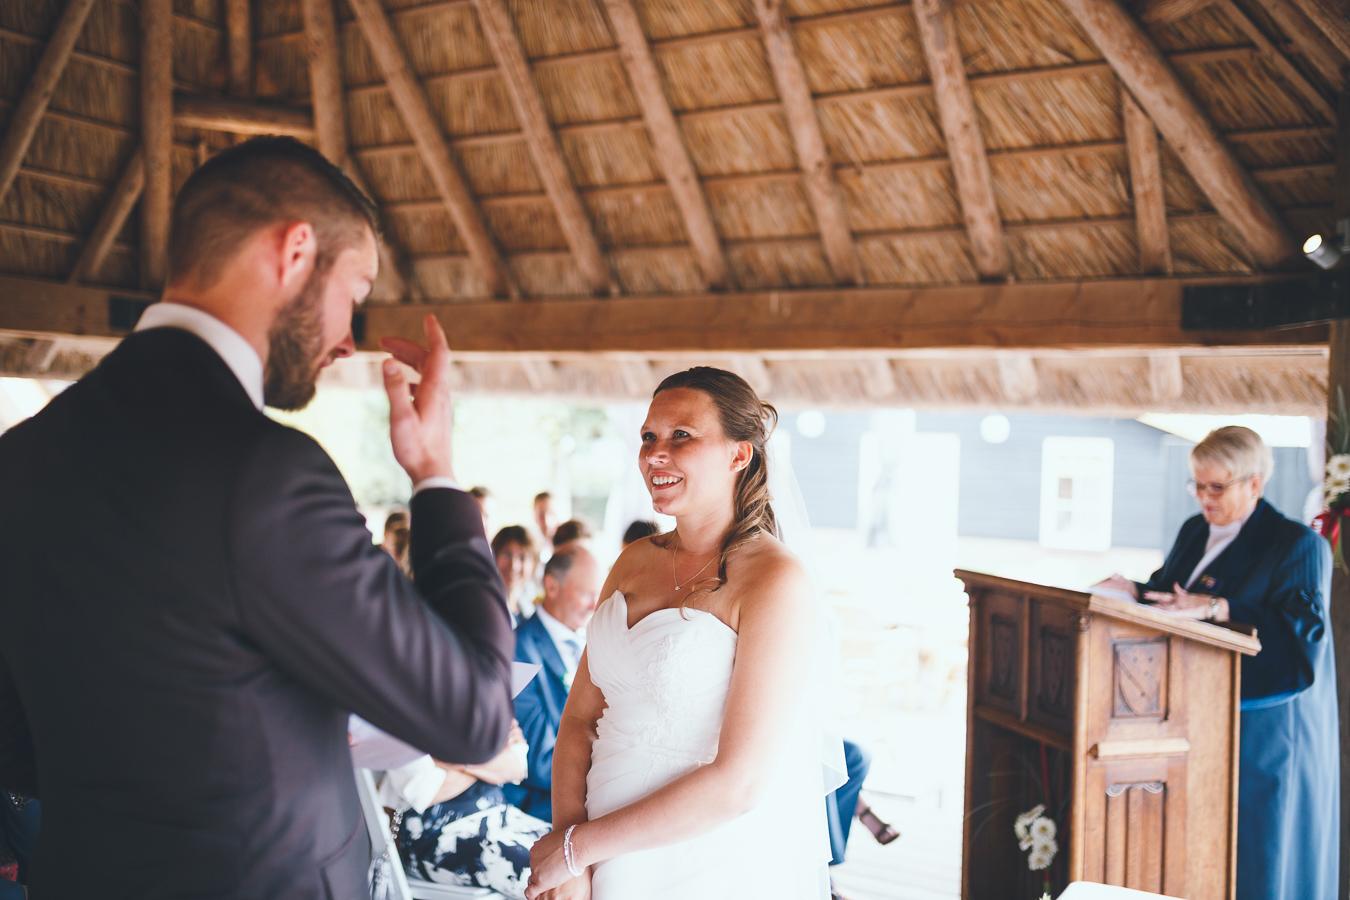 Trouwfotograaf bruidspaar spreekt geloften uit tijdens ceremonie